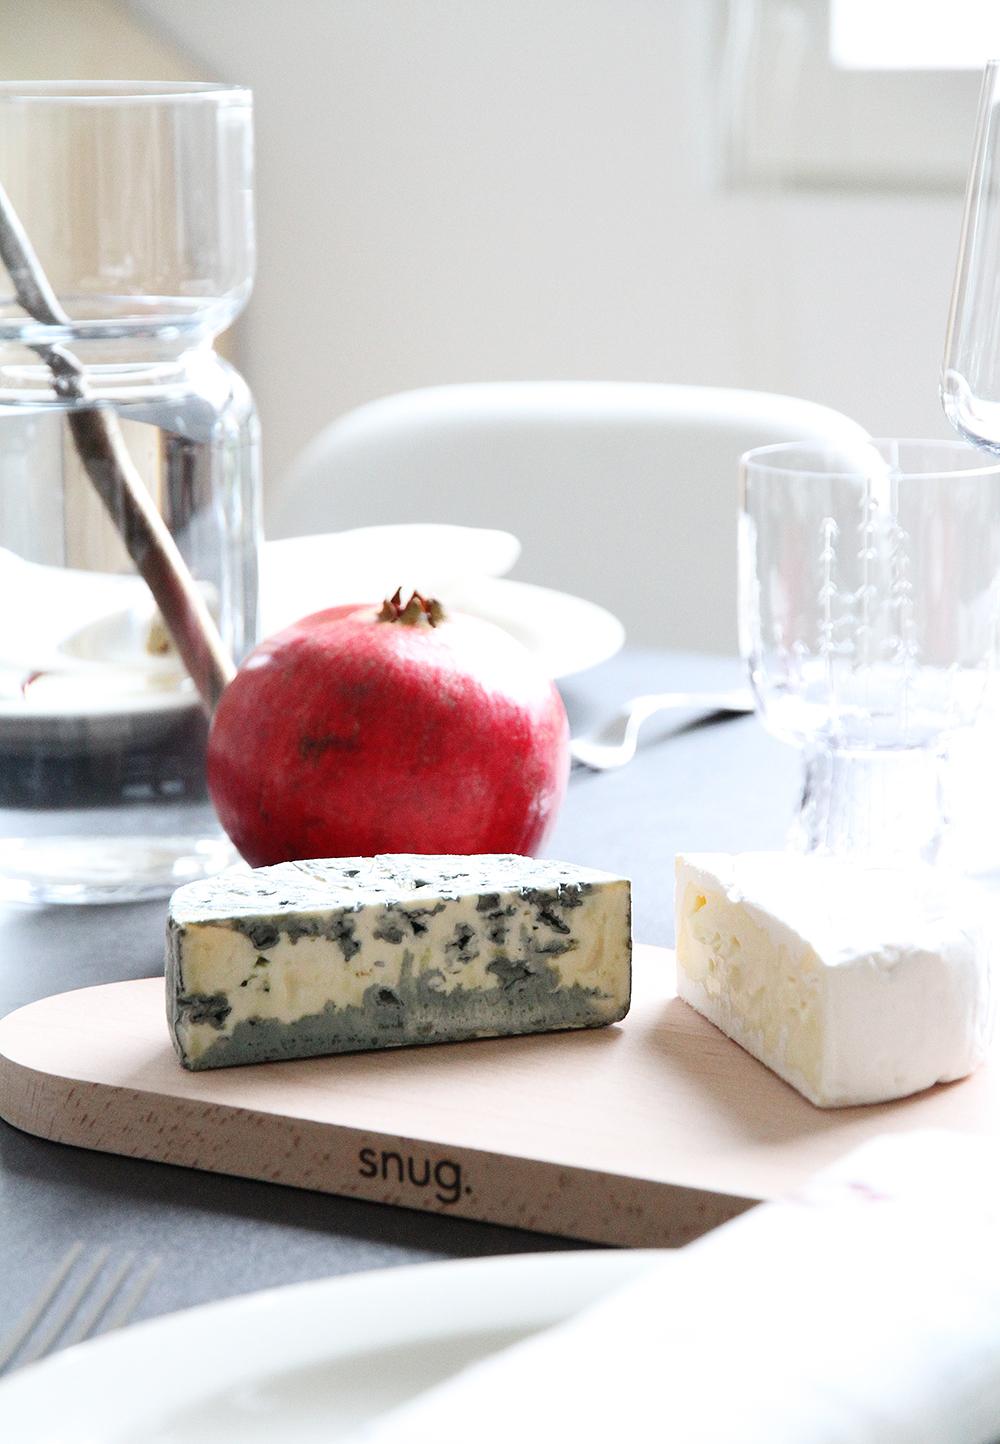 hunajaista castello arla ingman juustot